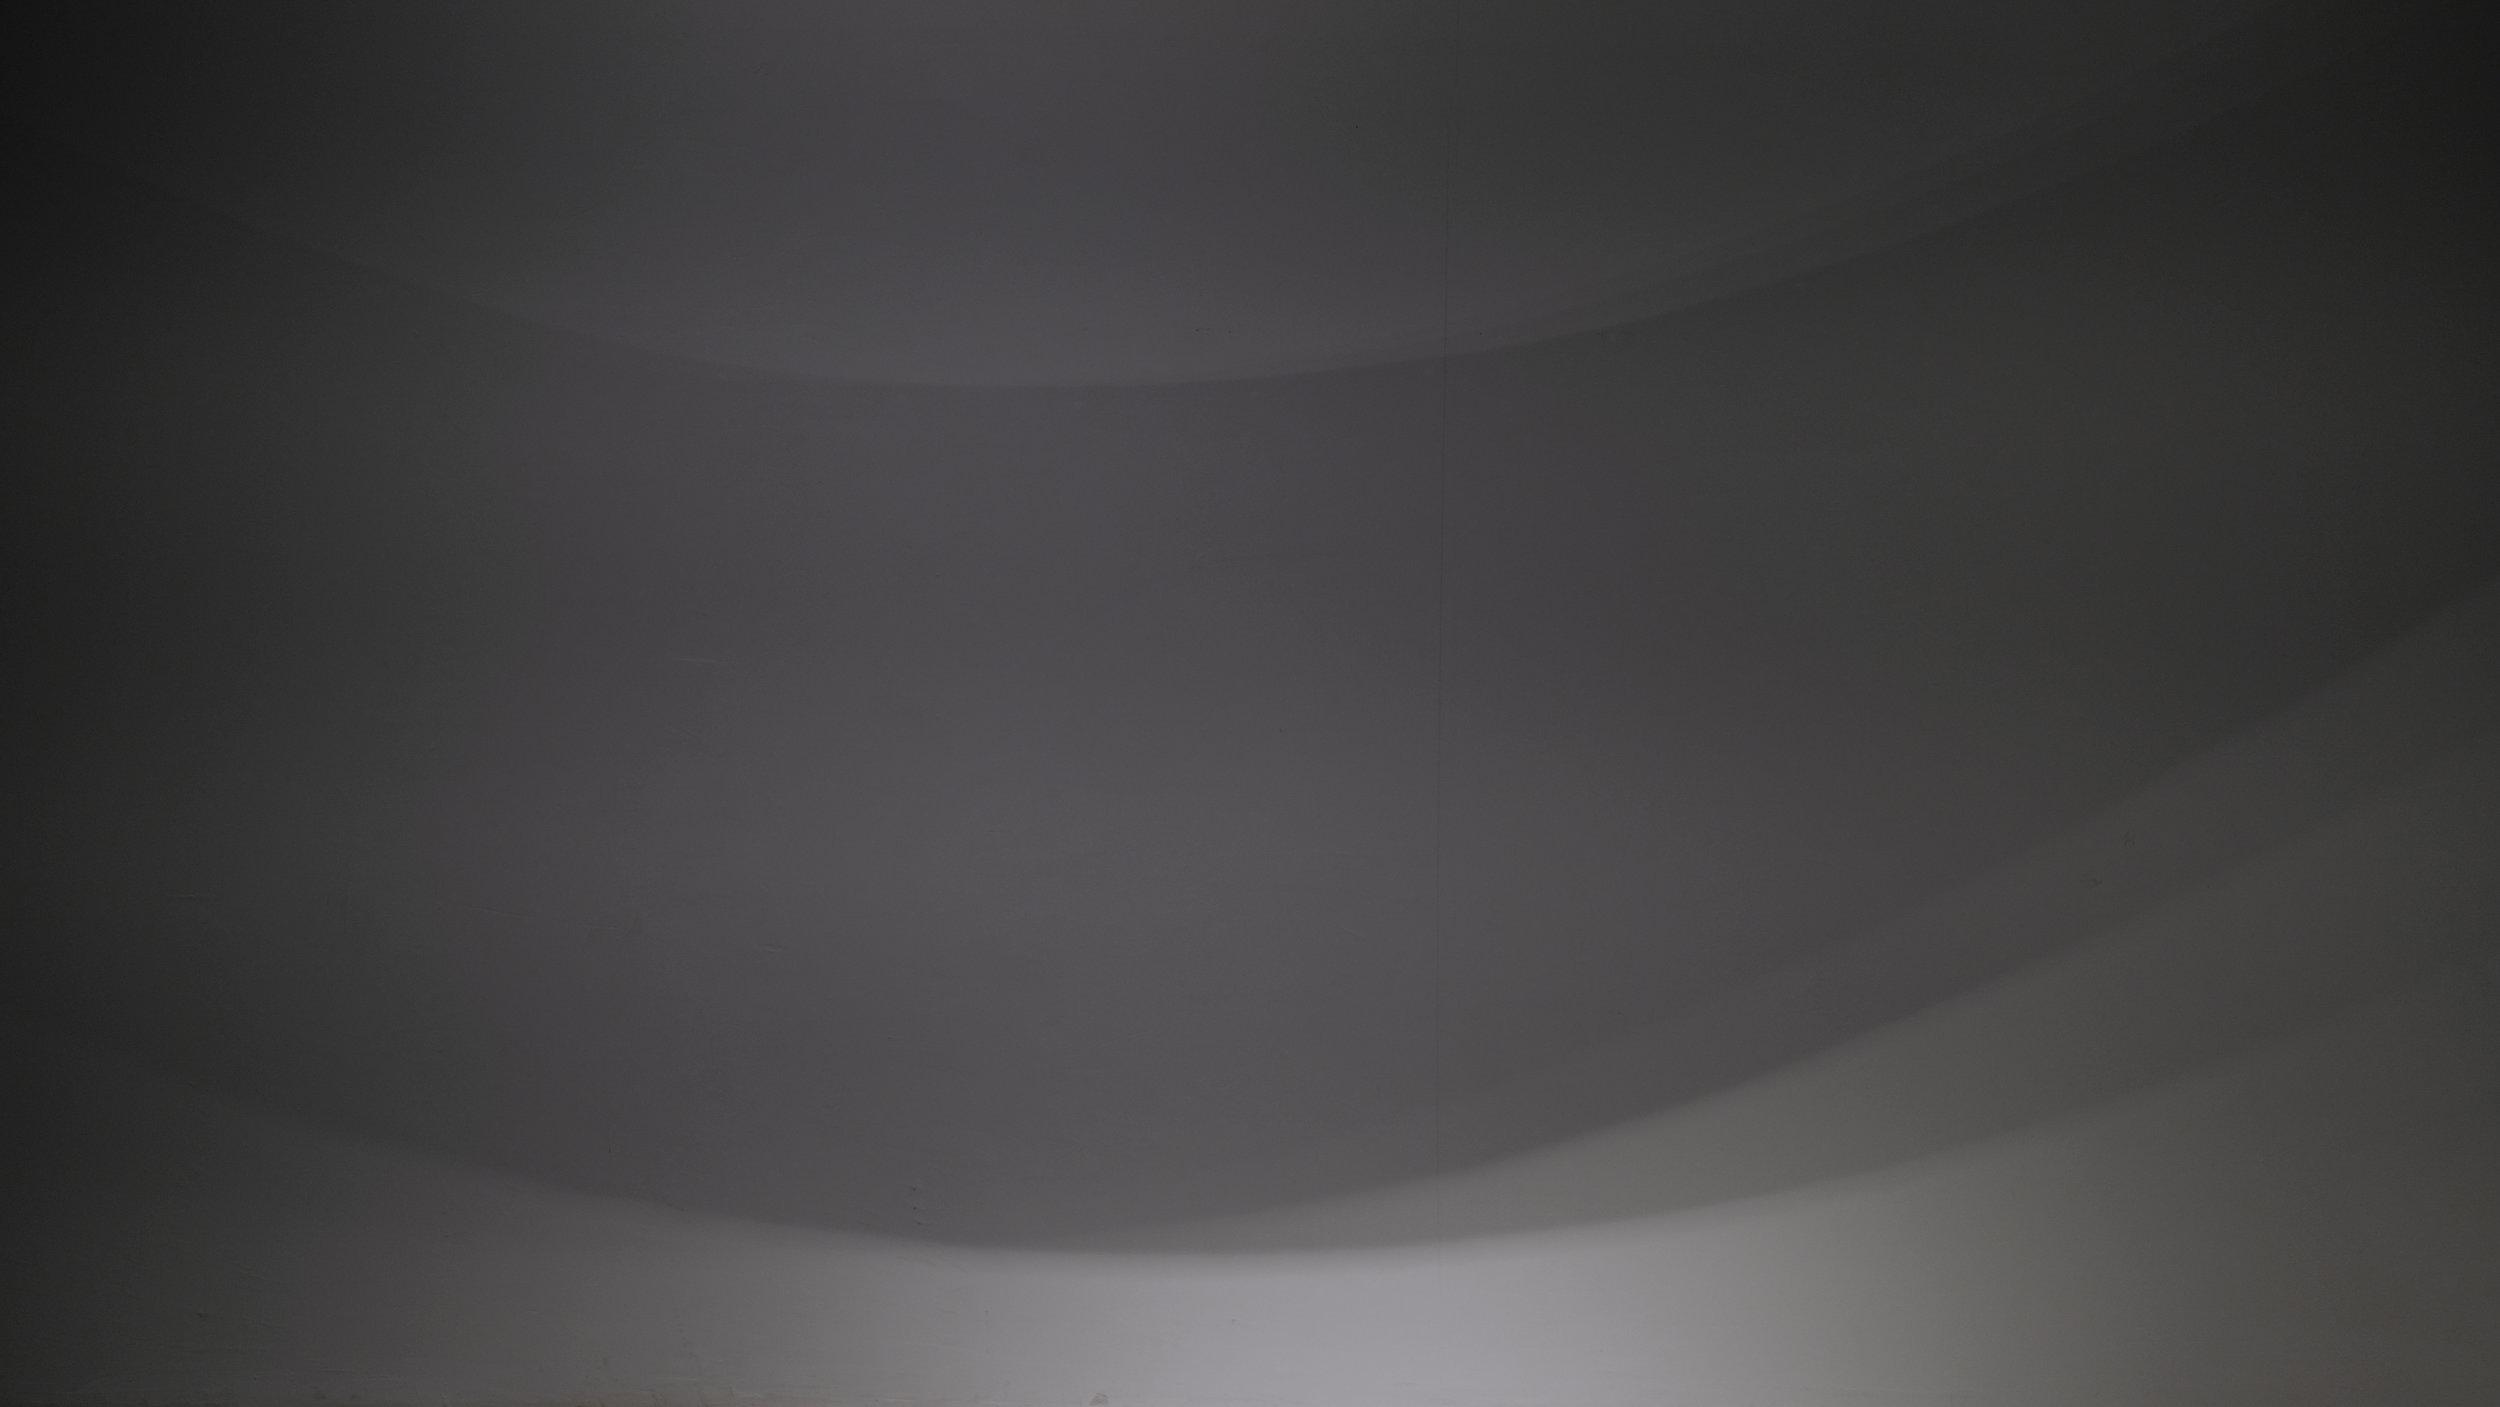 DSCF7743.jpg